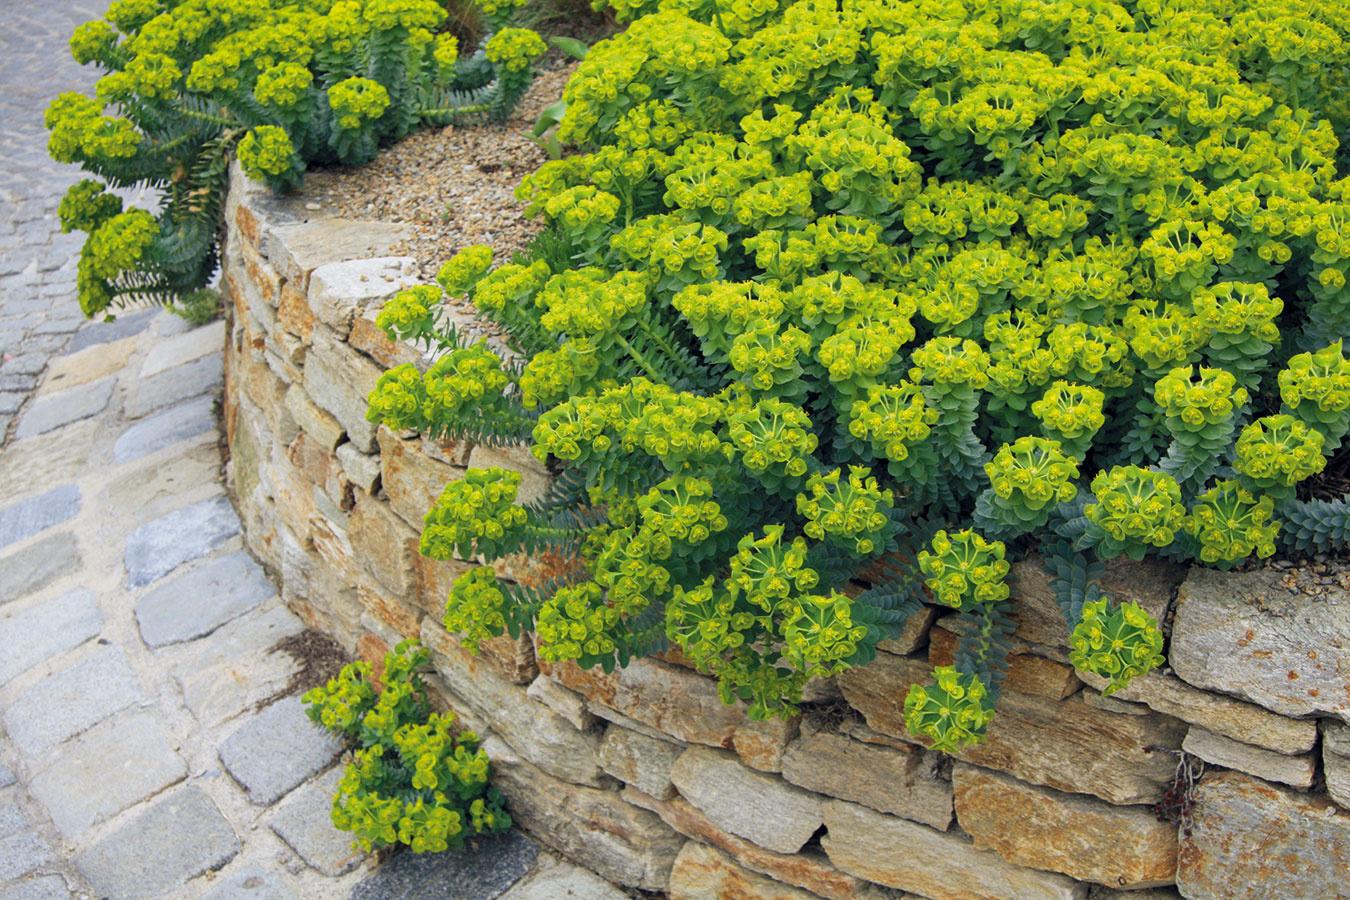 Jednou z najvhodnejších trvaliek do suchých kamenných múrikov je mliečnik (Euphorbia myrsinites), ktorý každú jar prekvapuje svojím sviežim vzhľadom, žltozelenými súkvetiami. Zaujme aj svojimi dlhými prevísajúcimi striebristými výhonkami, ktoré sú pekné aj počas mrazivých dní – najmä v čase, keď ich ozdobí srieň. Rastlinu možno vysadiť na rôzne miesta – priamo do múrika, pod múrik či na jeho korunu. Často sa sama rozmnoží a rozšíri tam, kde jej to najviac vyhovuje. Ak vysadený mliečnik v rámci jedného múrika ešte dva razy zopakujete, docielite tým príjemnú harmóniu. Mliečnik sa ujme len vtedy, ak je vysadený s koreňovým balom. Presádzanie znáša na rozdiel od iných skalničiek horšie.